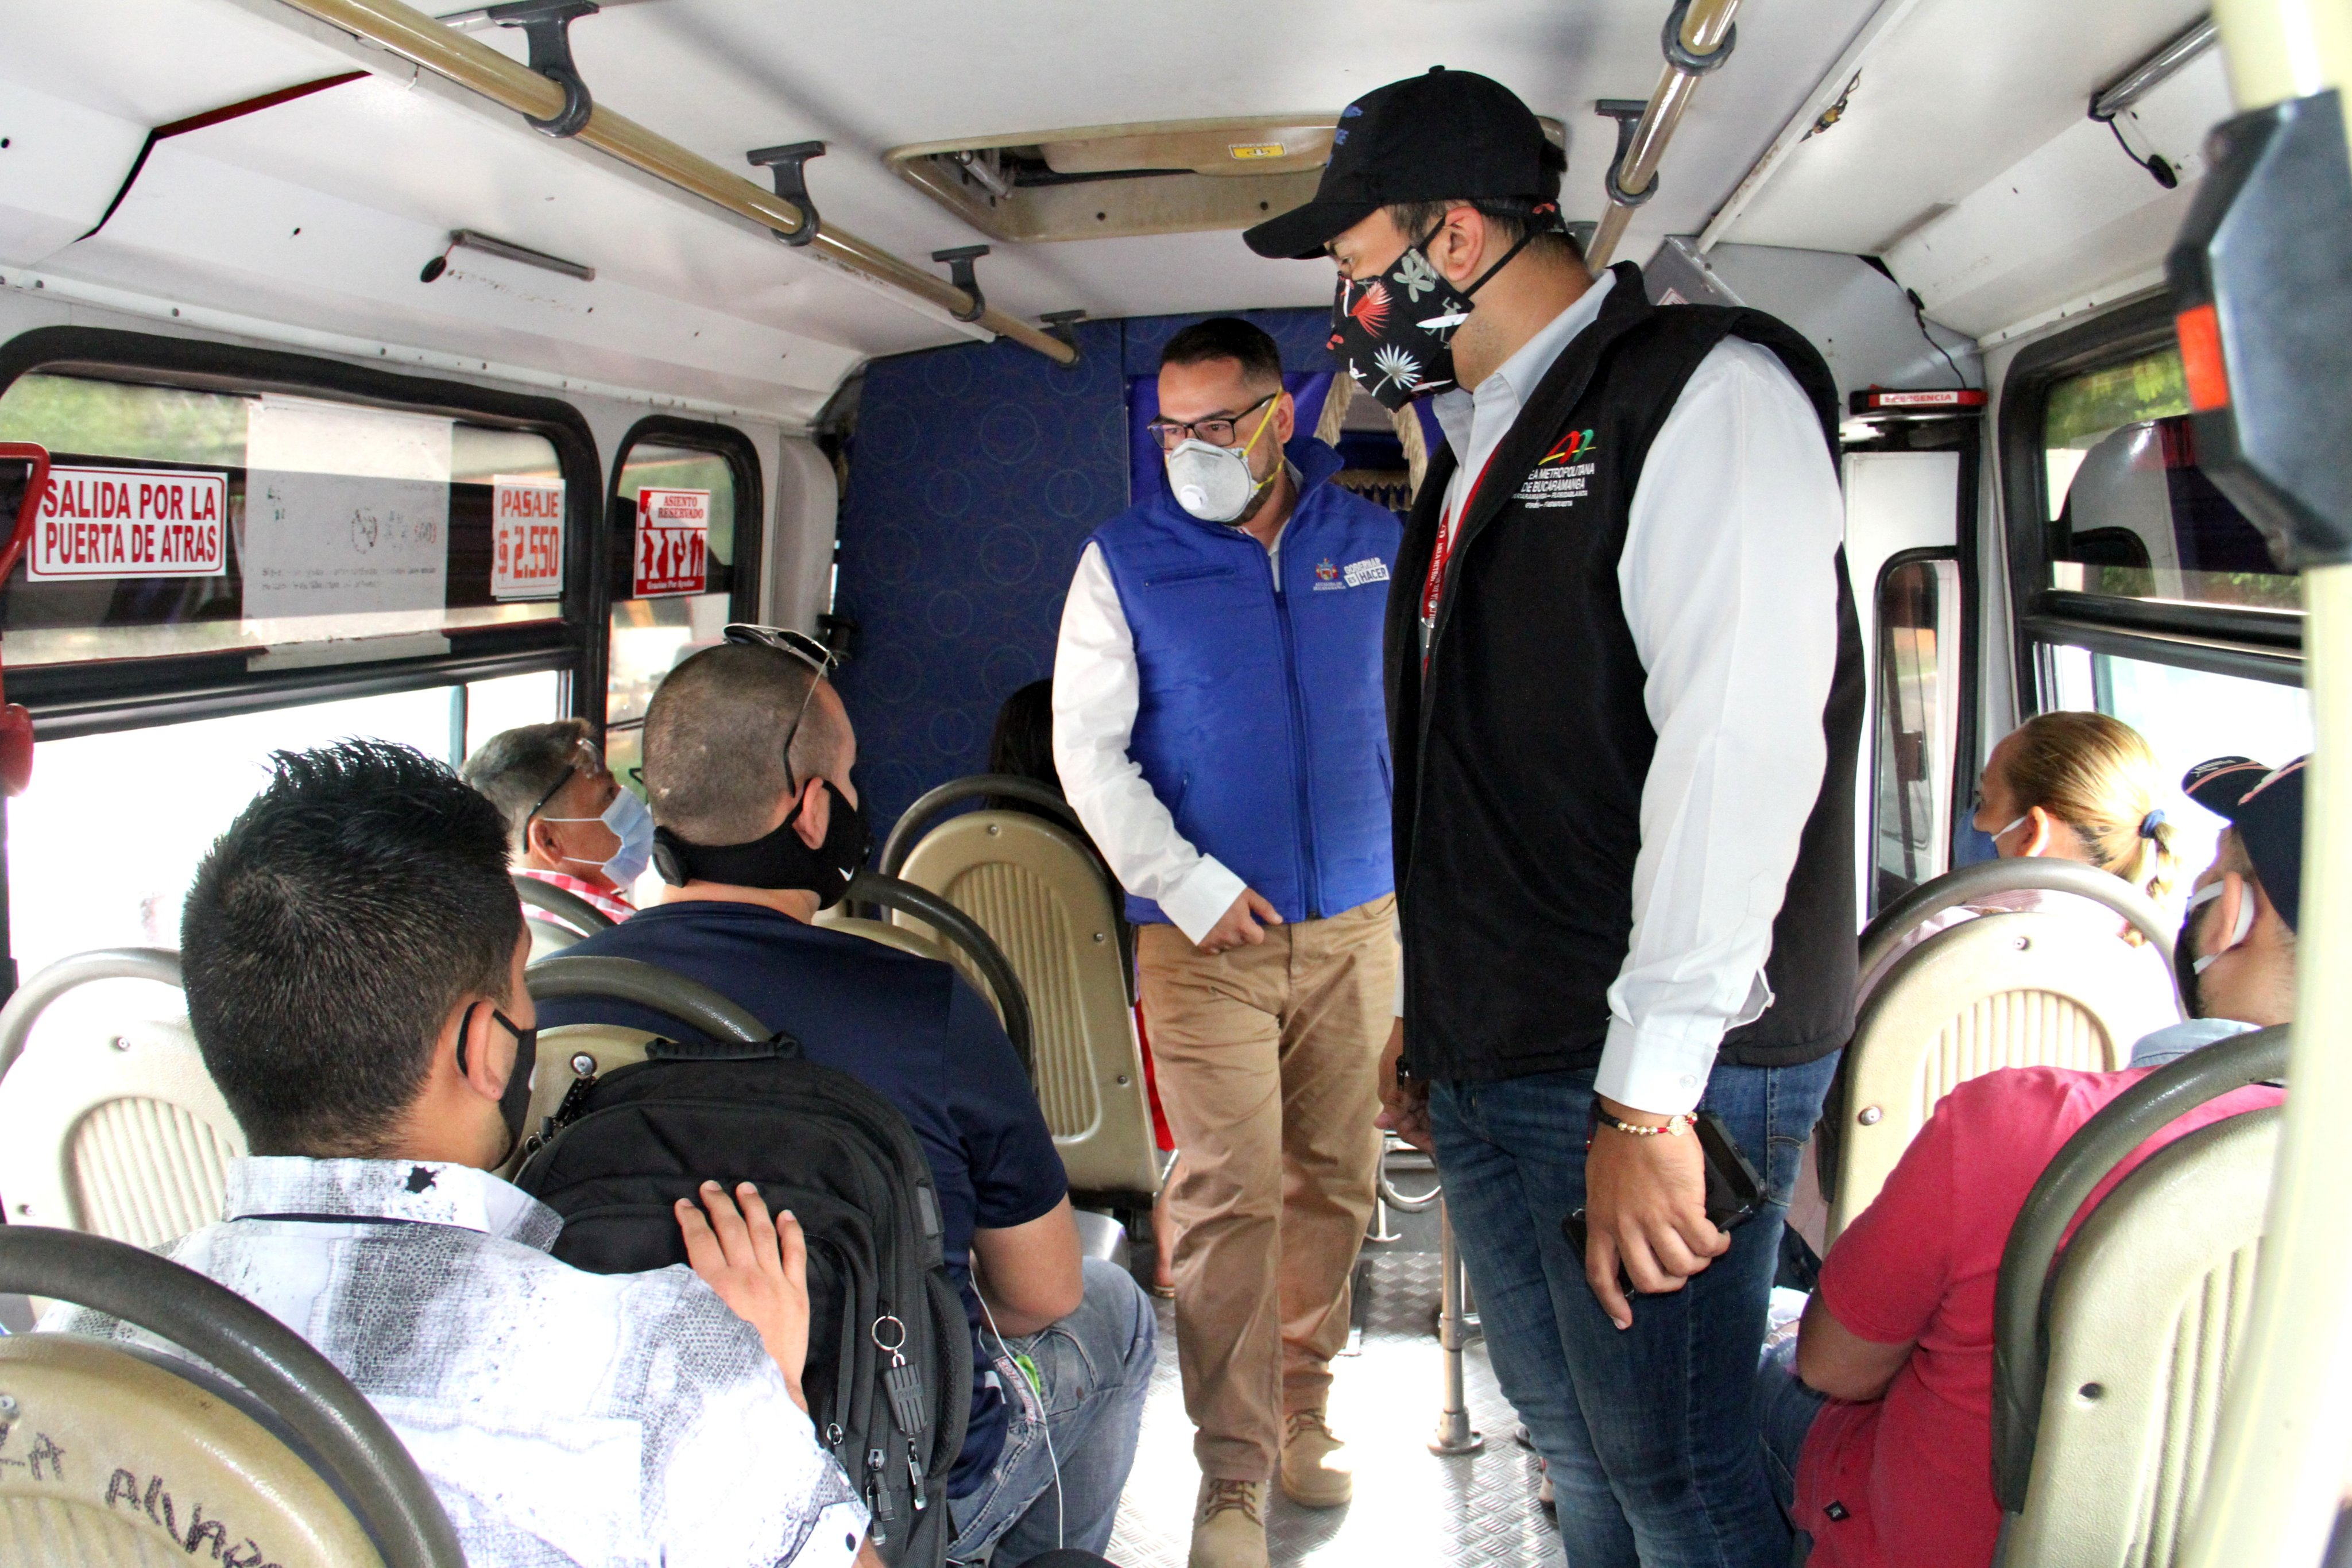 Autoridades insisten con el distanciamiento social en el transporte público | Bucaramanga | Metro | EL FRENTE